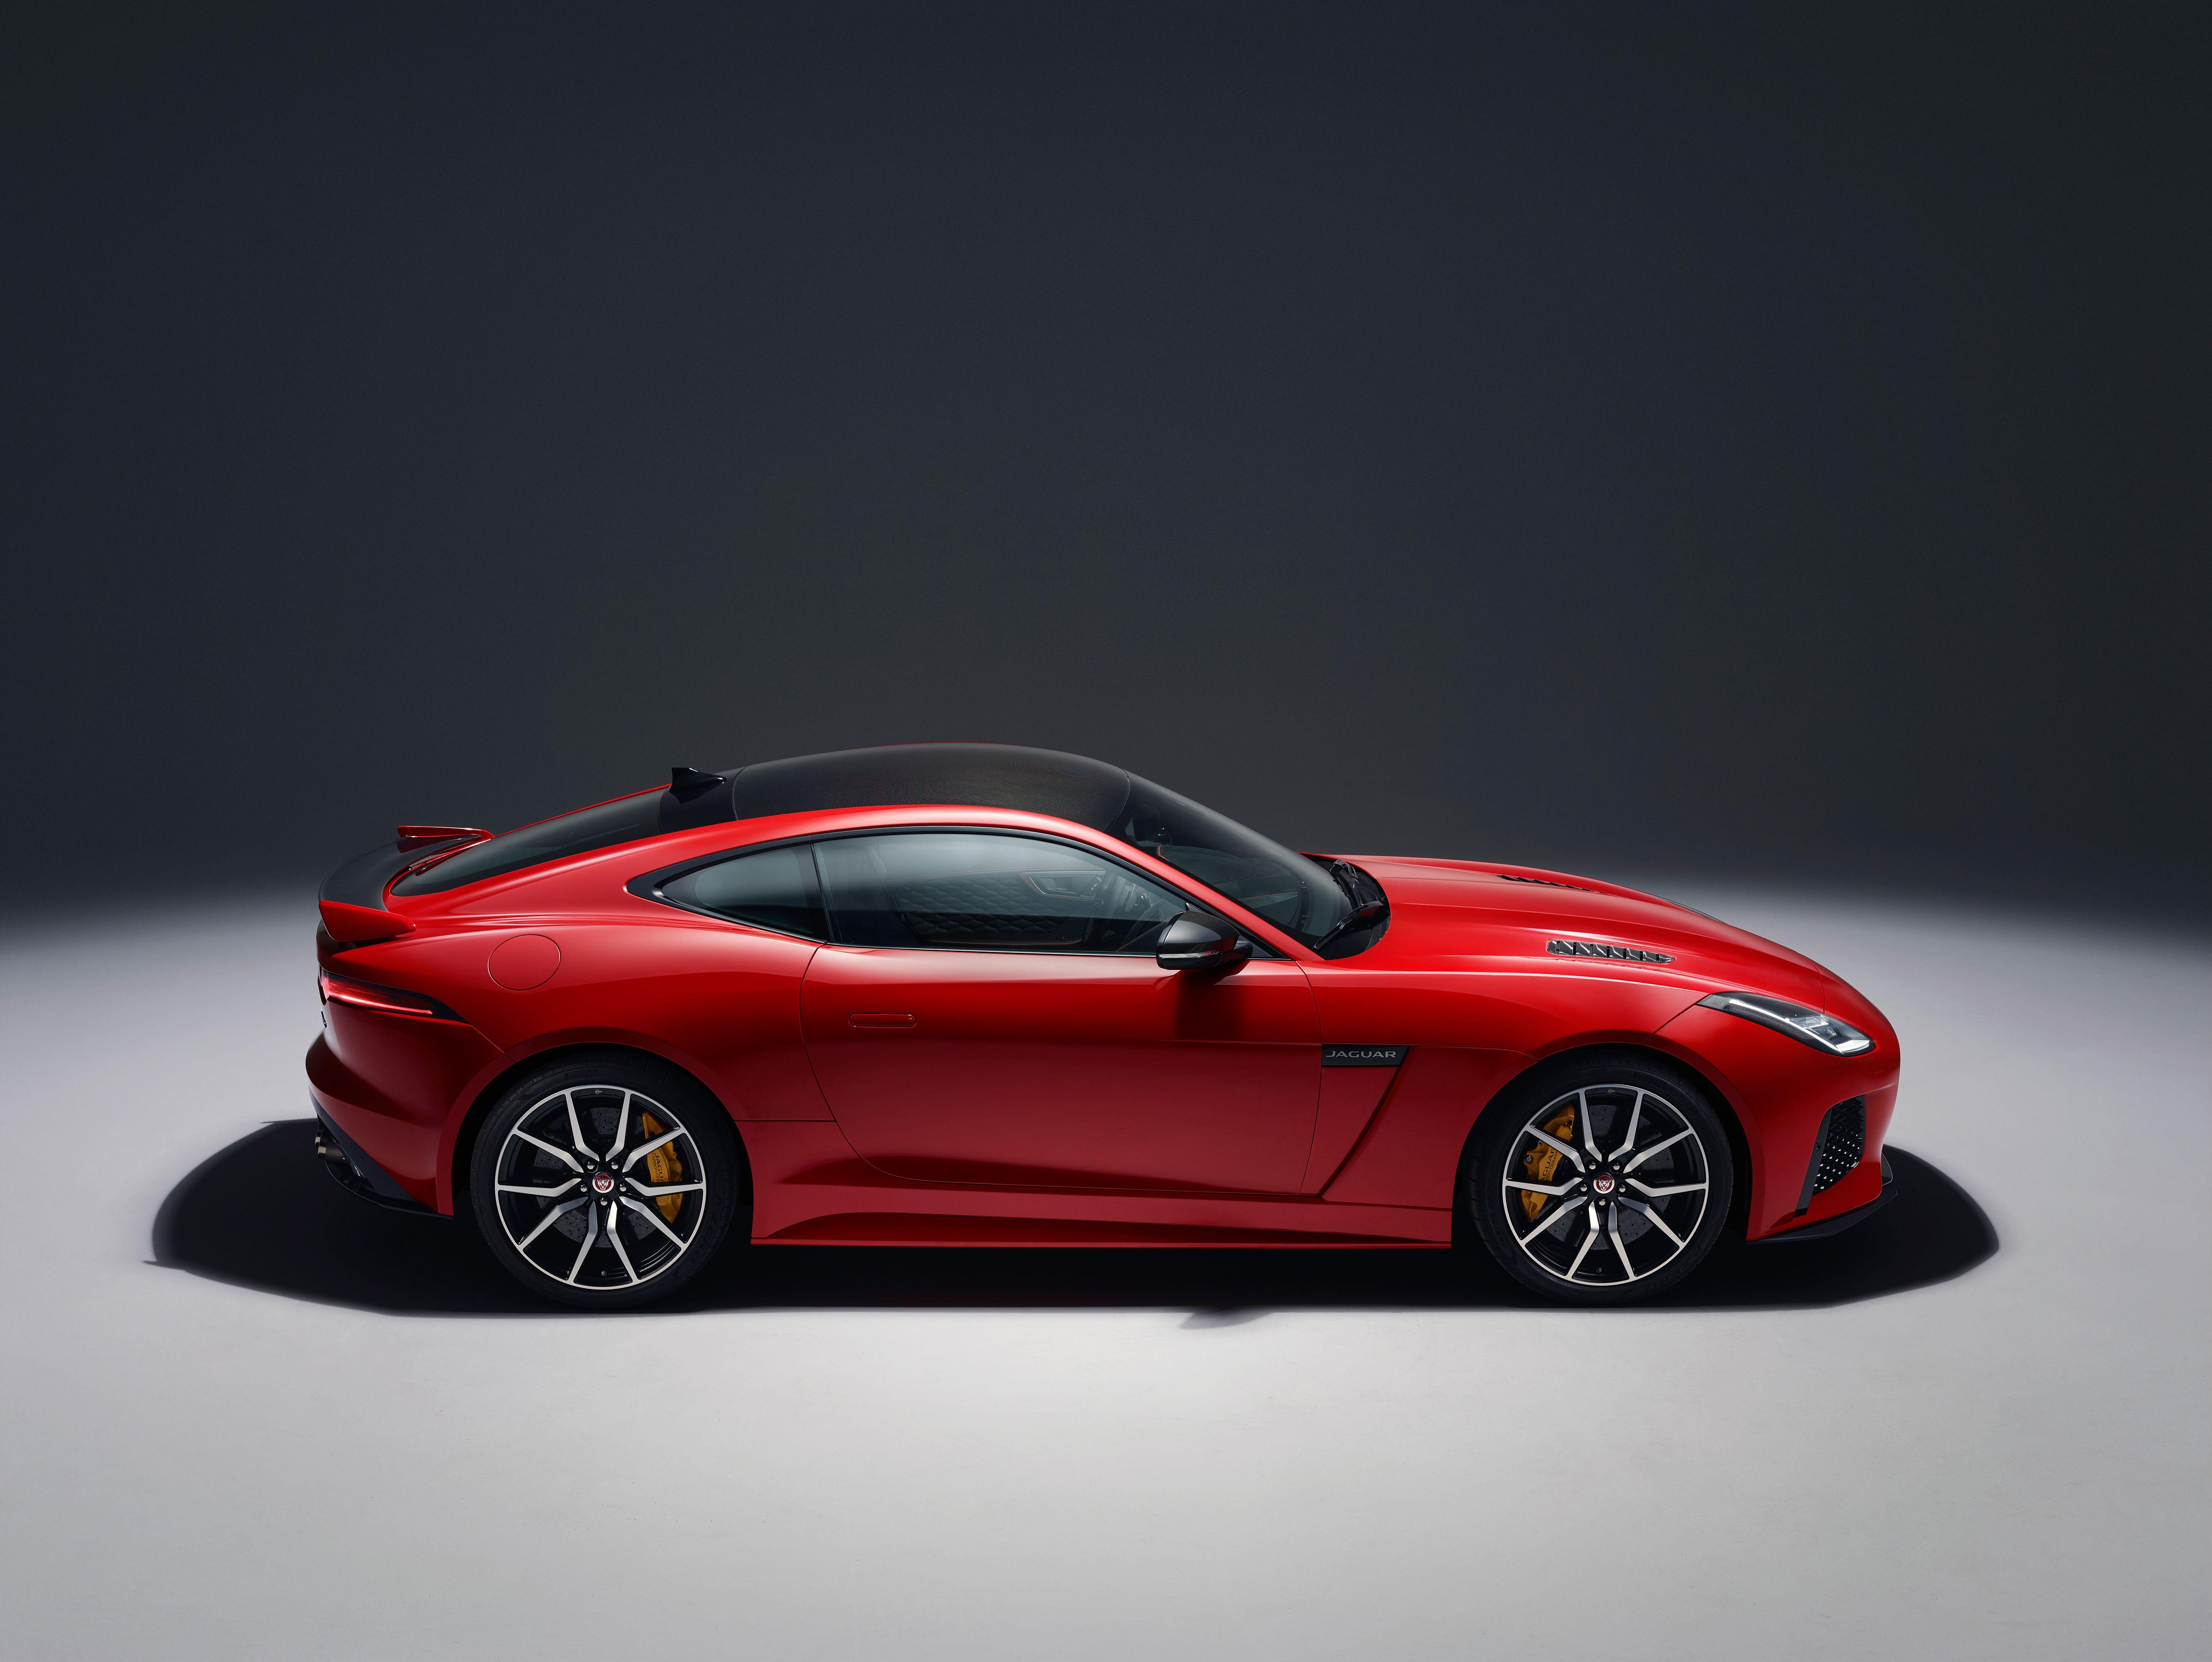 2018 Jaguar F Type Svr The Jaguar 2018 Ftype Svr Has Been Unveiled Jaguar F Type Jaguar Coupe